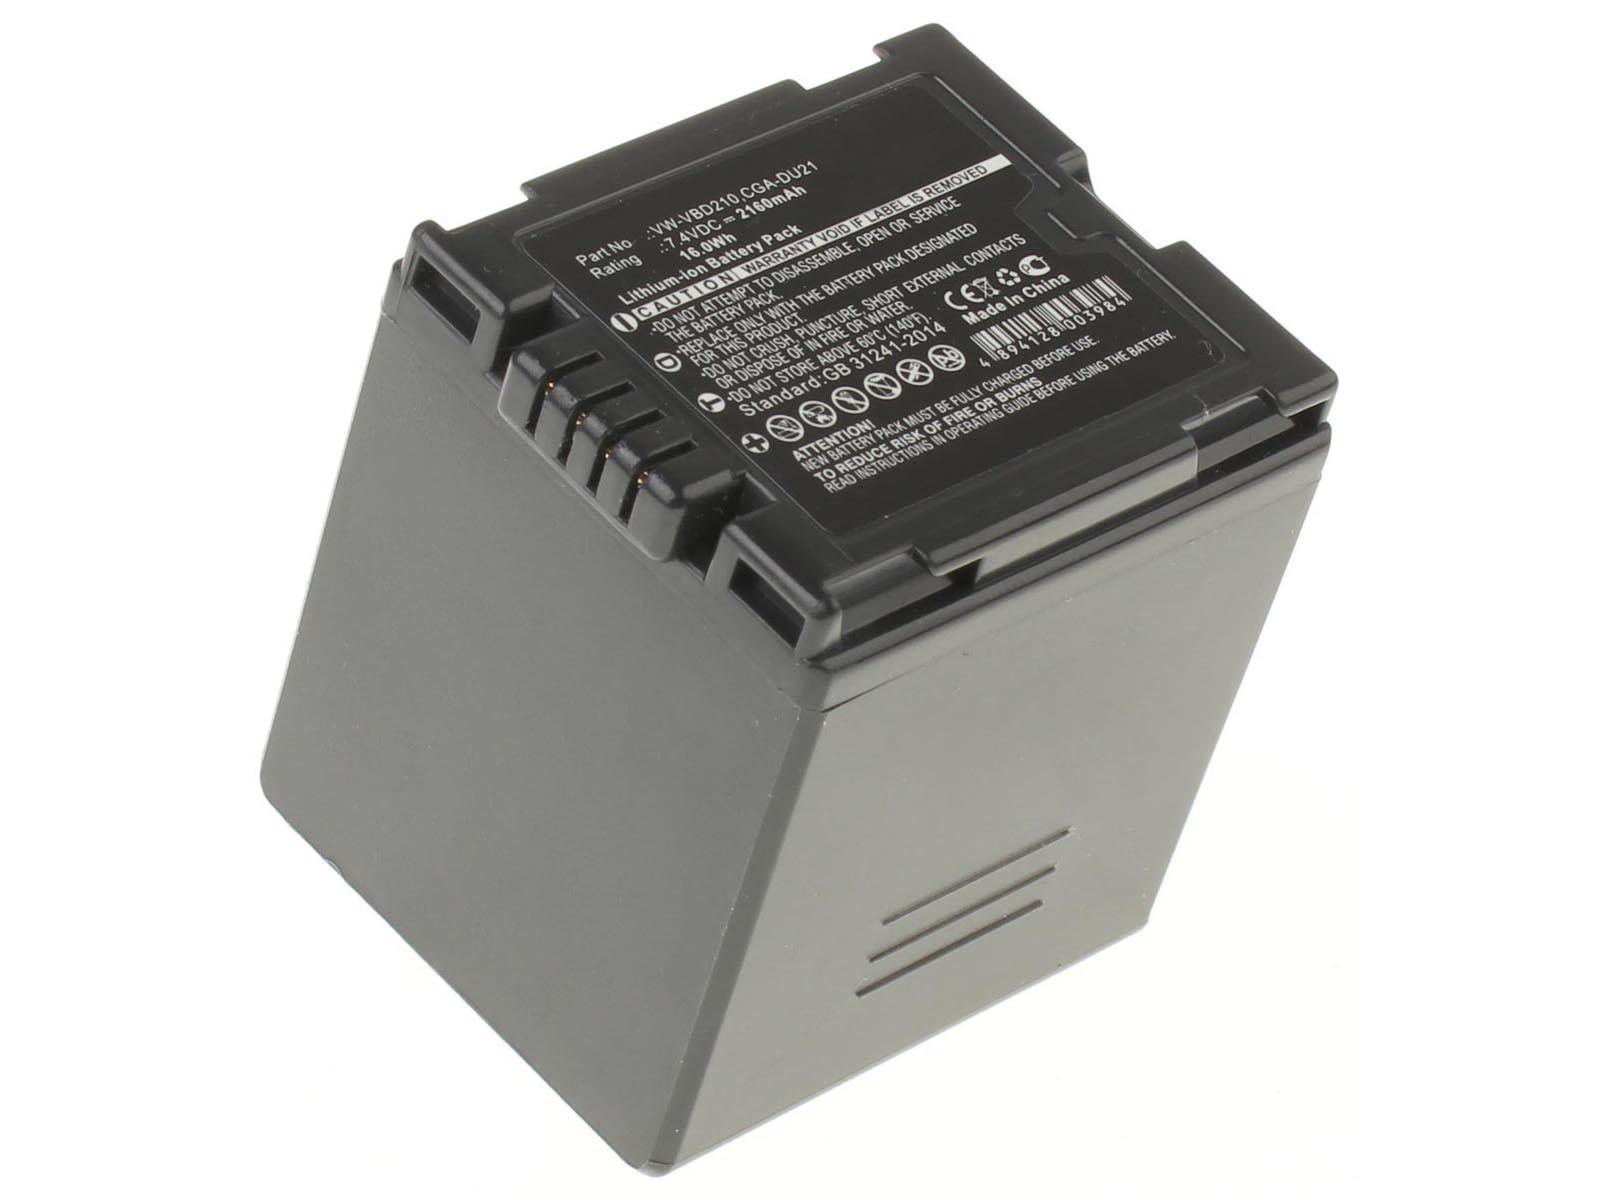 Аккумуляторные батареи для фотоаппаратов и видеокамер Panasonic SDR-H20Емкость (mAh): 2160. Напряжение (V): 7,2